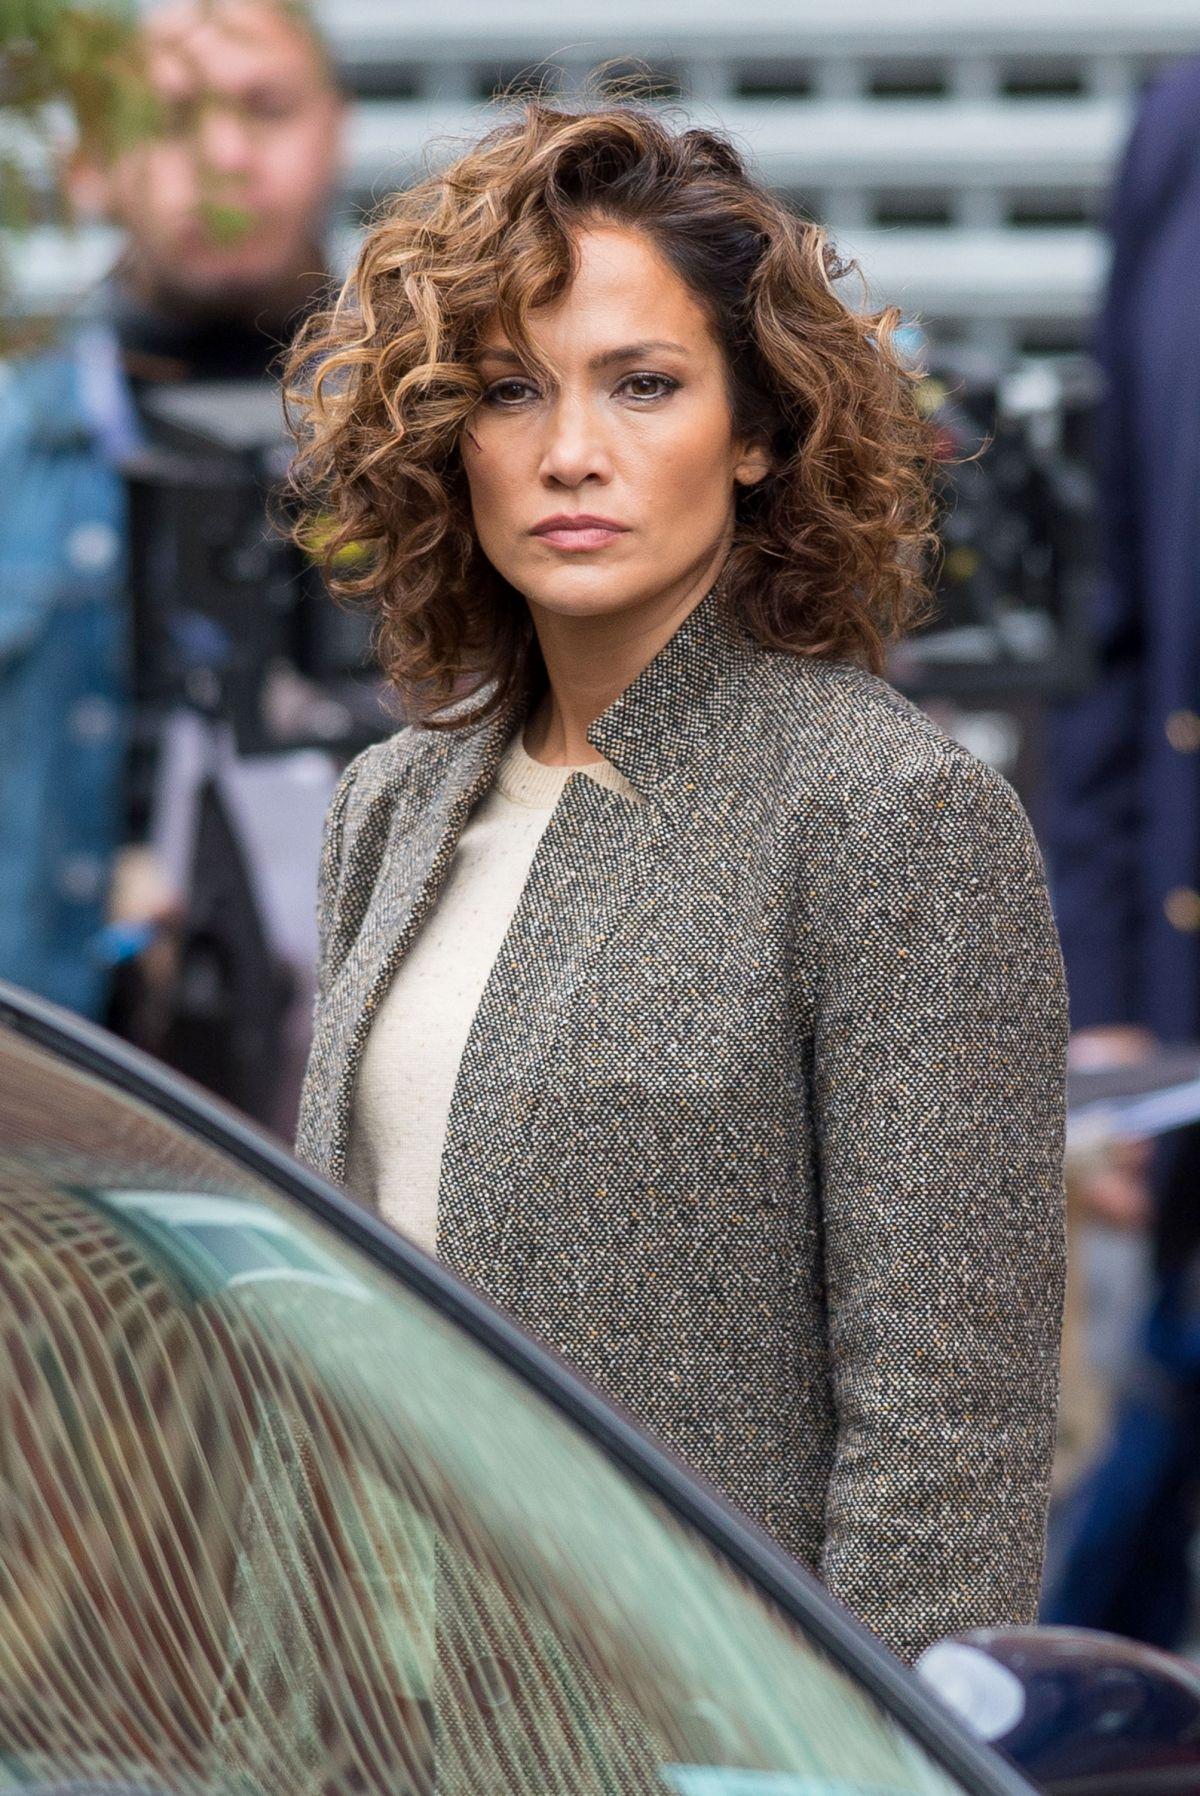 Jennifer Lopez Sur Le Jeu De Shades Of Blue New York 02